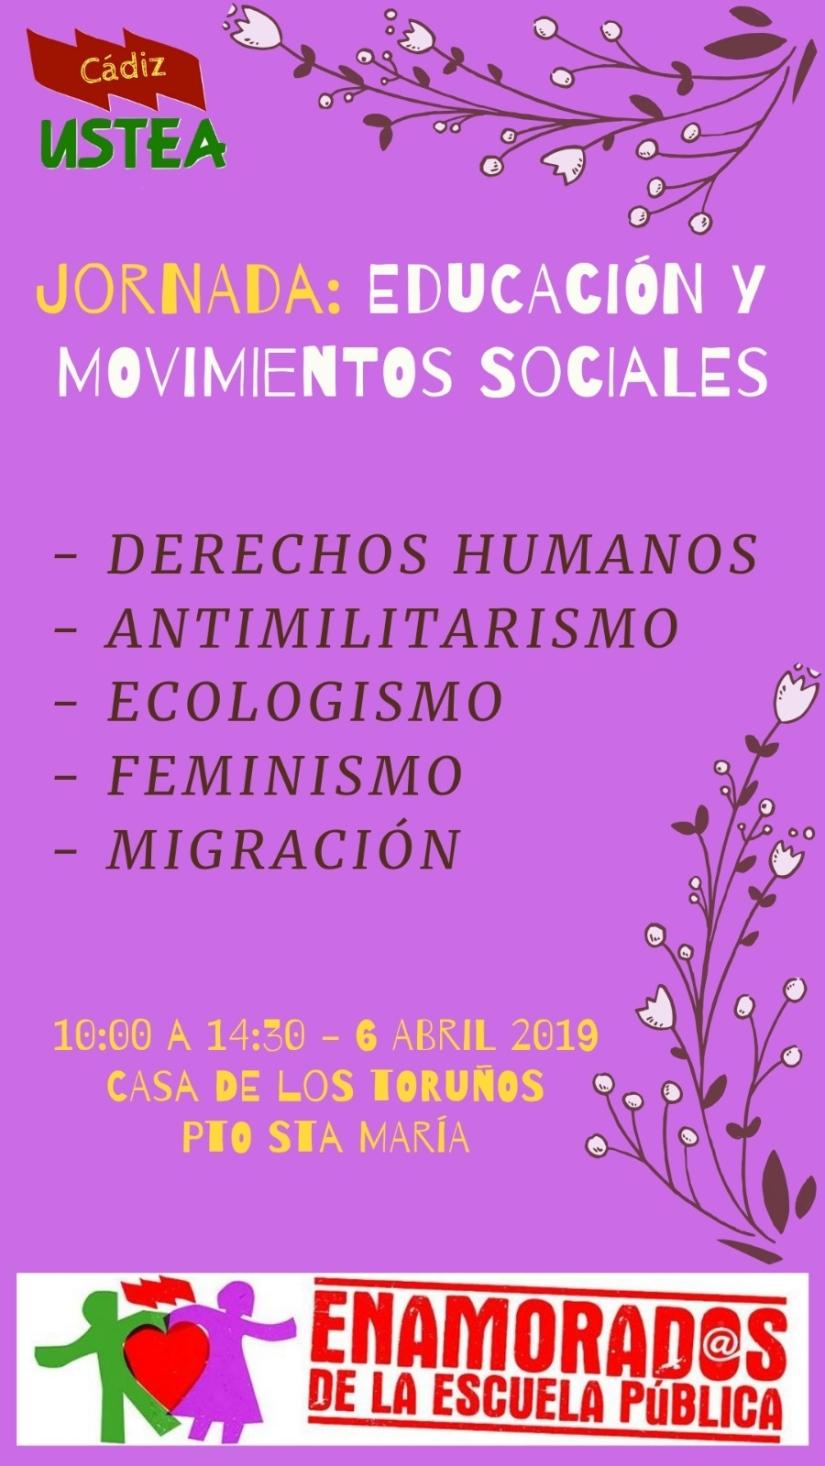 Enamorad@s de la Pública 2019, 6 de abril en Casa de los Toruños, El Puerto de Santa María, a partir de las 10:00.¡¡Ven a convivir, a aprender y aenseñar!!